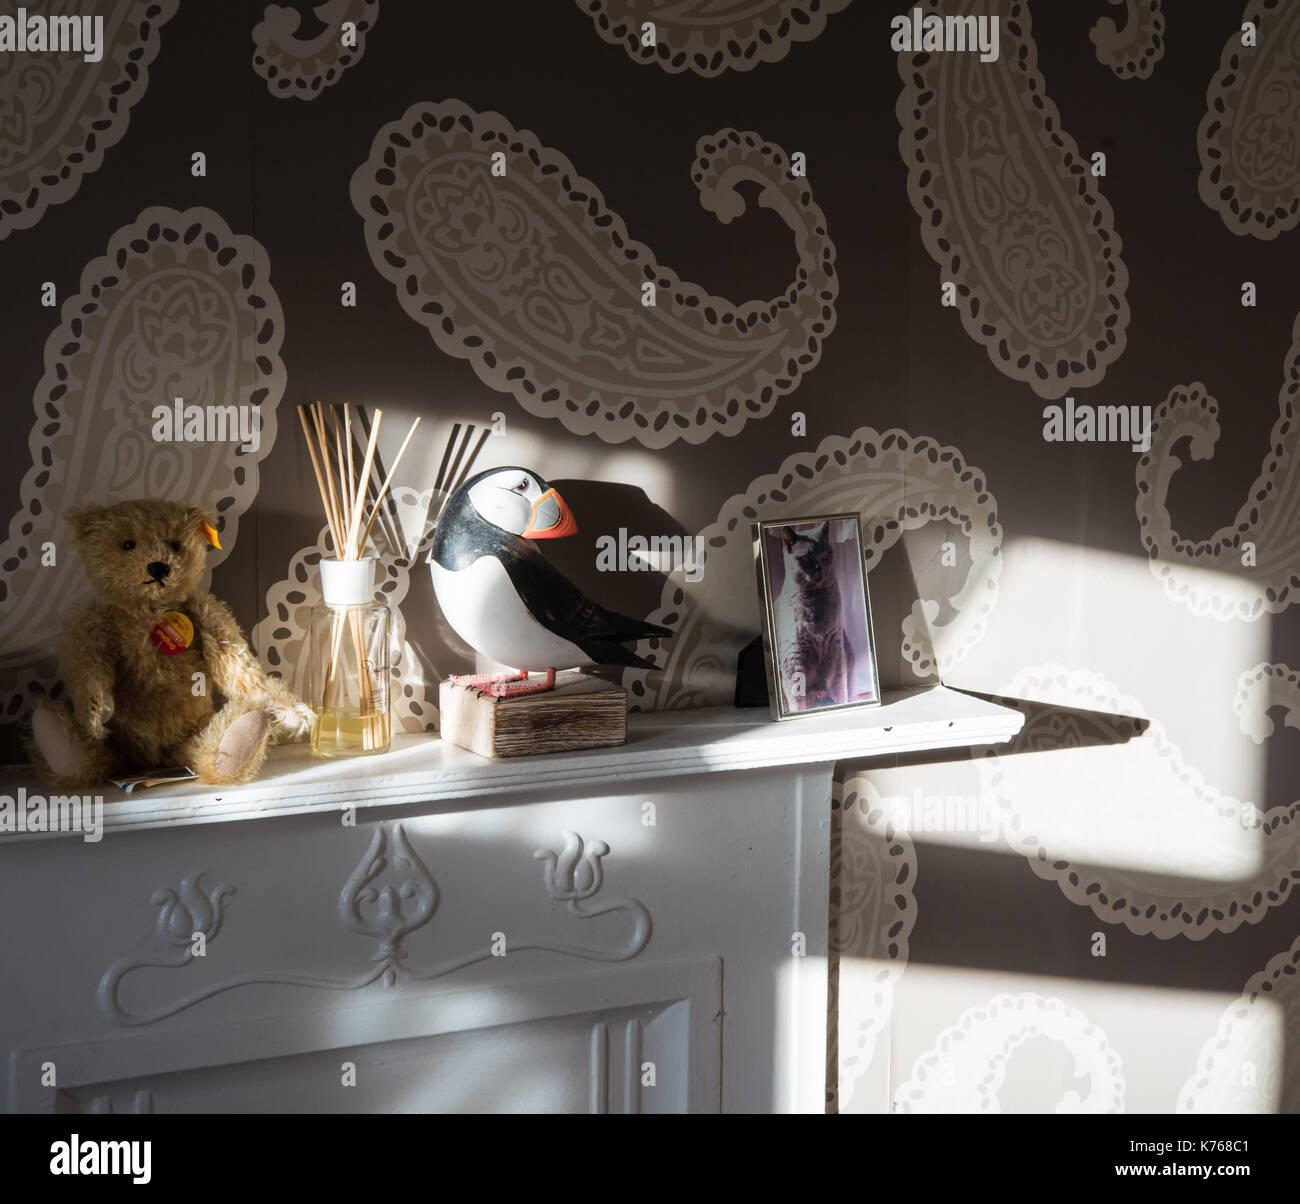 Schlafzimmer Wand mit paisley Tapeten und kaminsims Ornamente ...